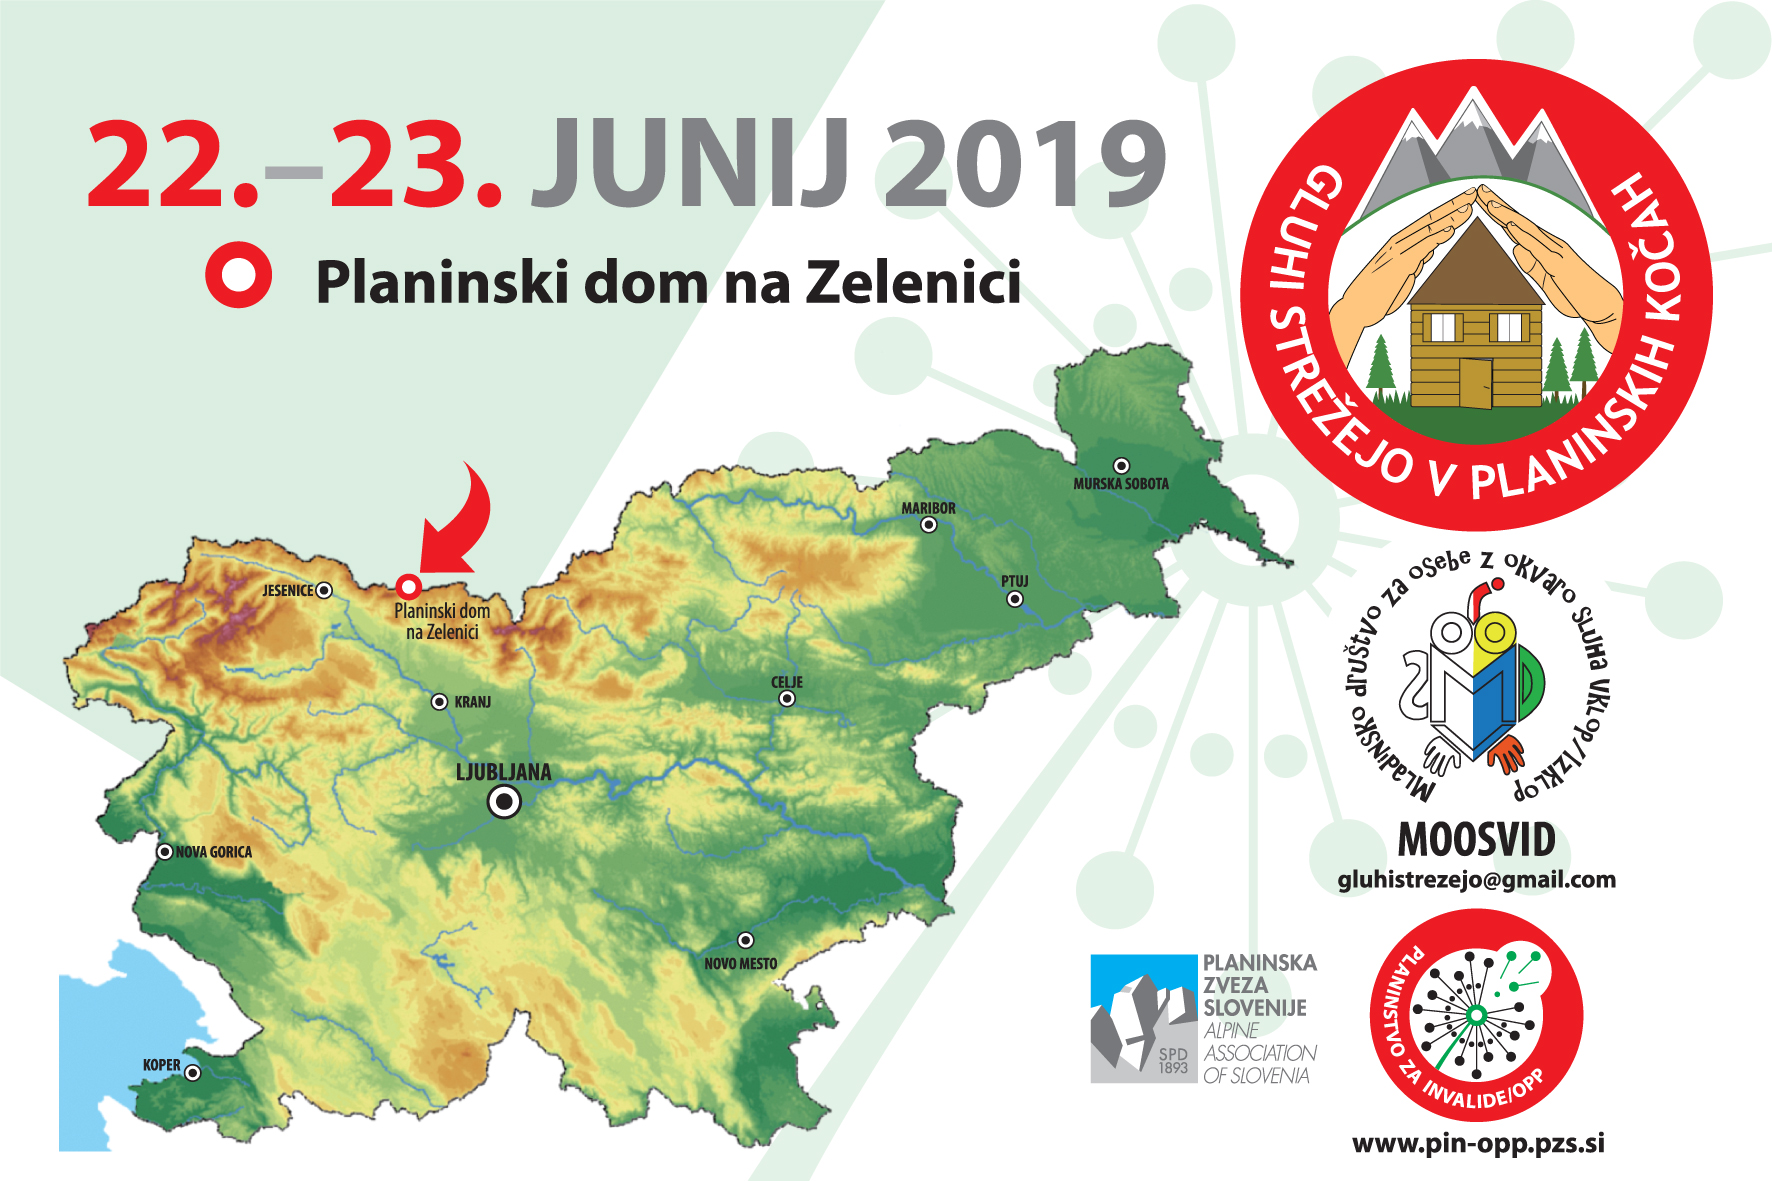 pin_pzs_gluhi_strezejo_zelenica_spremenjen_termin_2019_banner